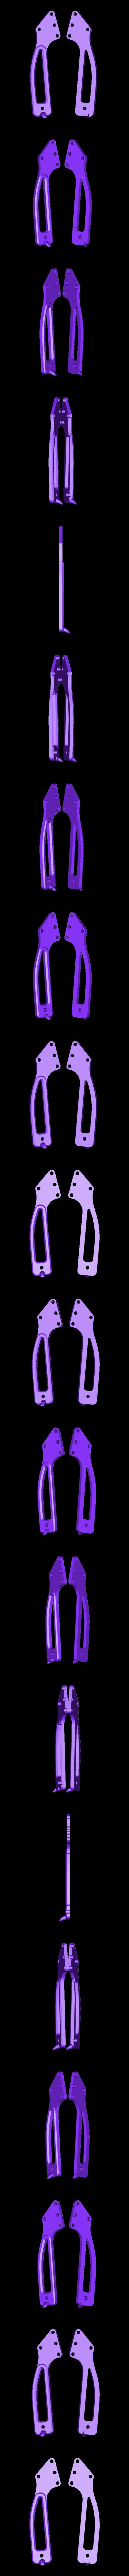 Handles (both).stl Télécharger fichier STL gratuit Pistolet à peinture • Modèle à imprimer en 3D, MustardKhunt